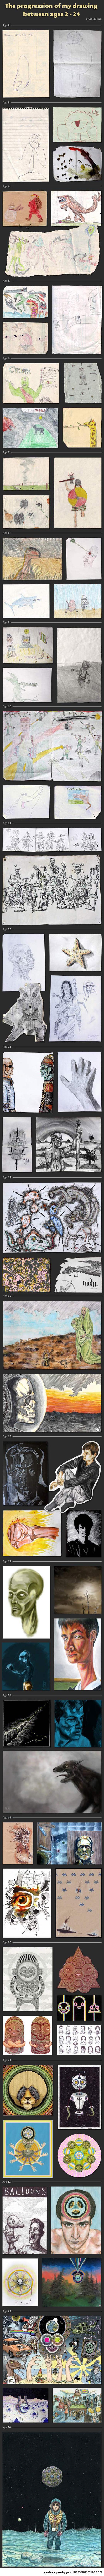 The Evolution Of An Artist